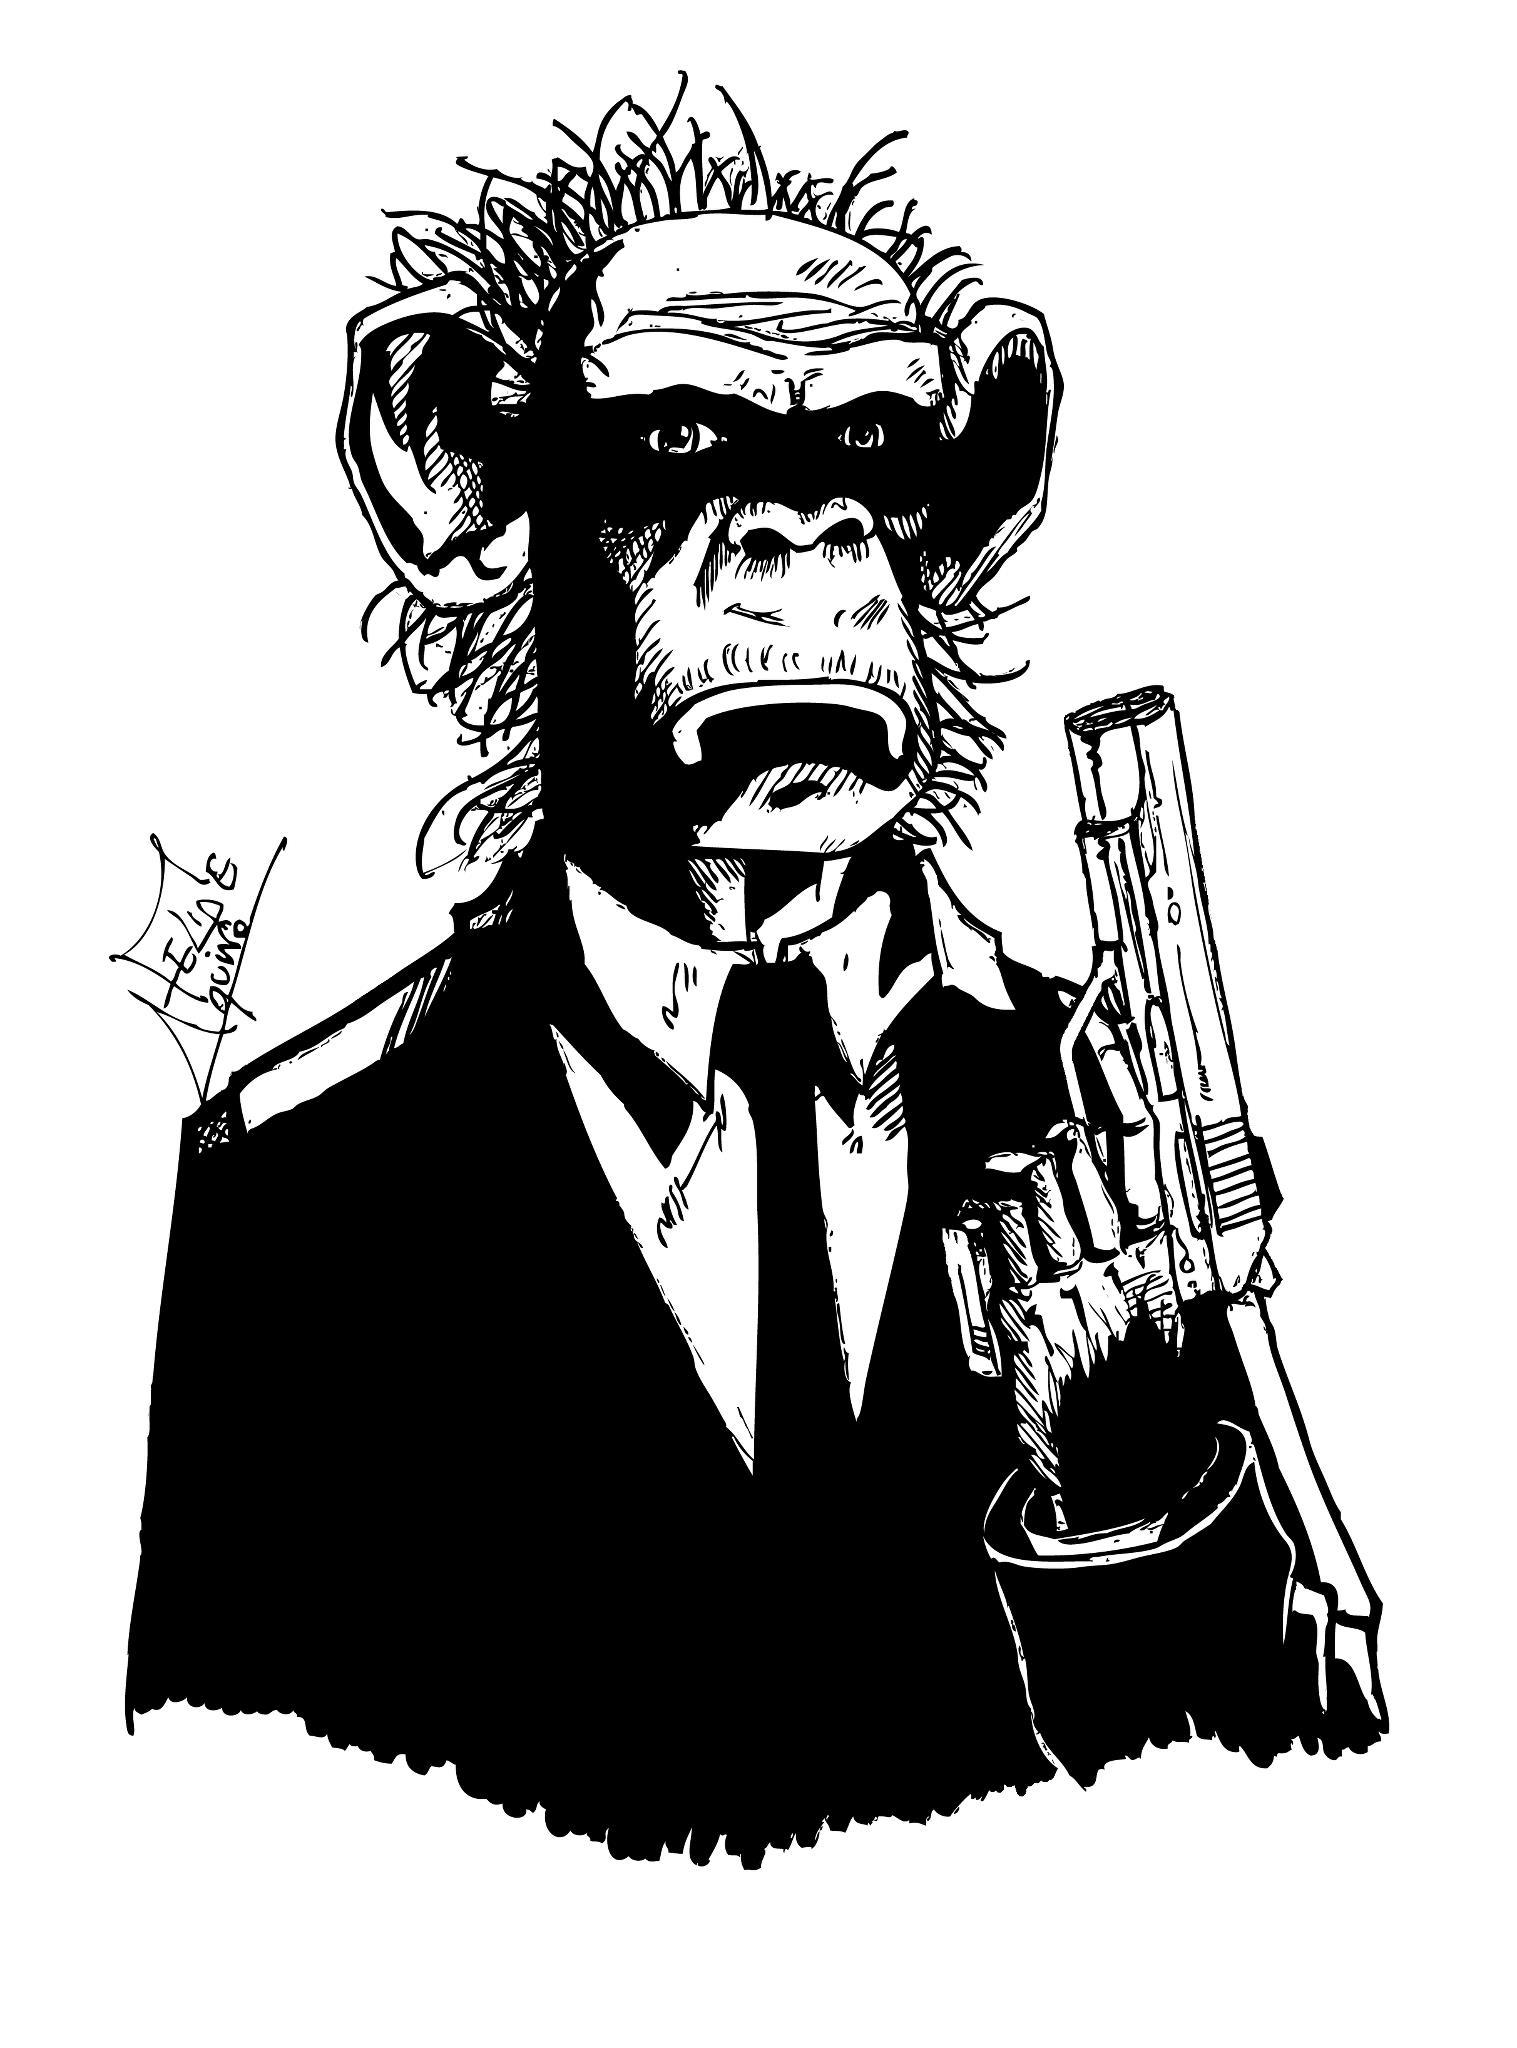 Black in Chimpanze